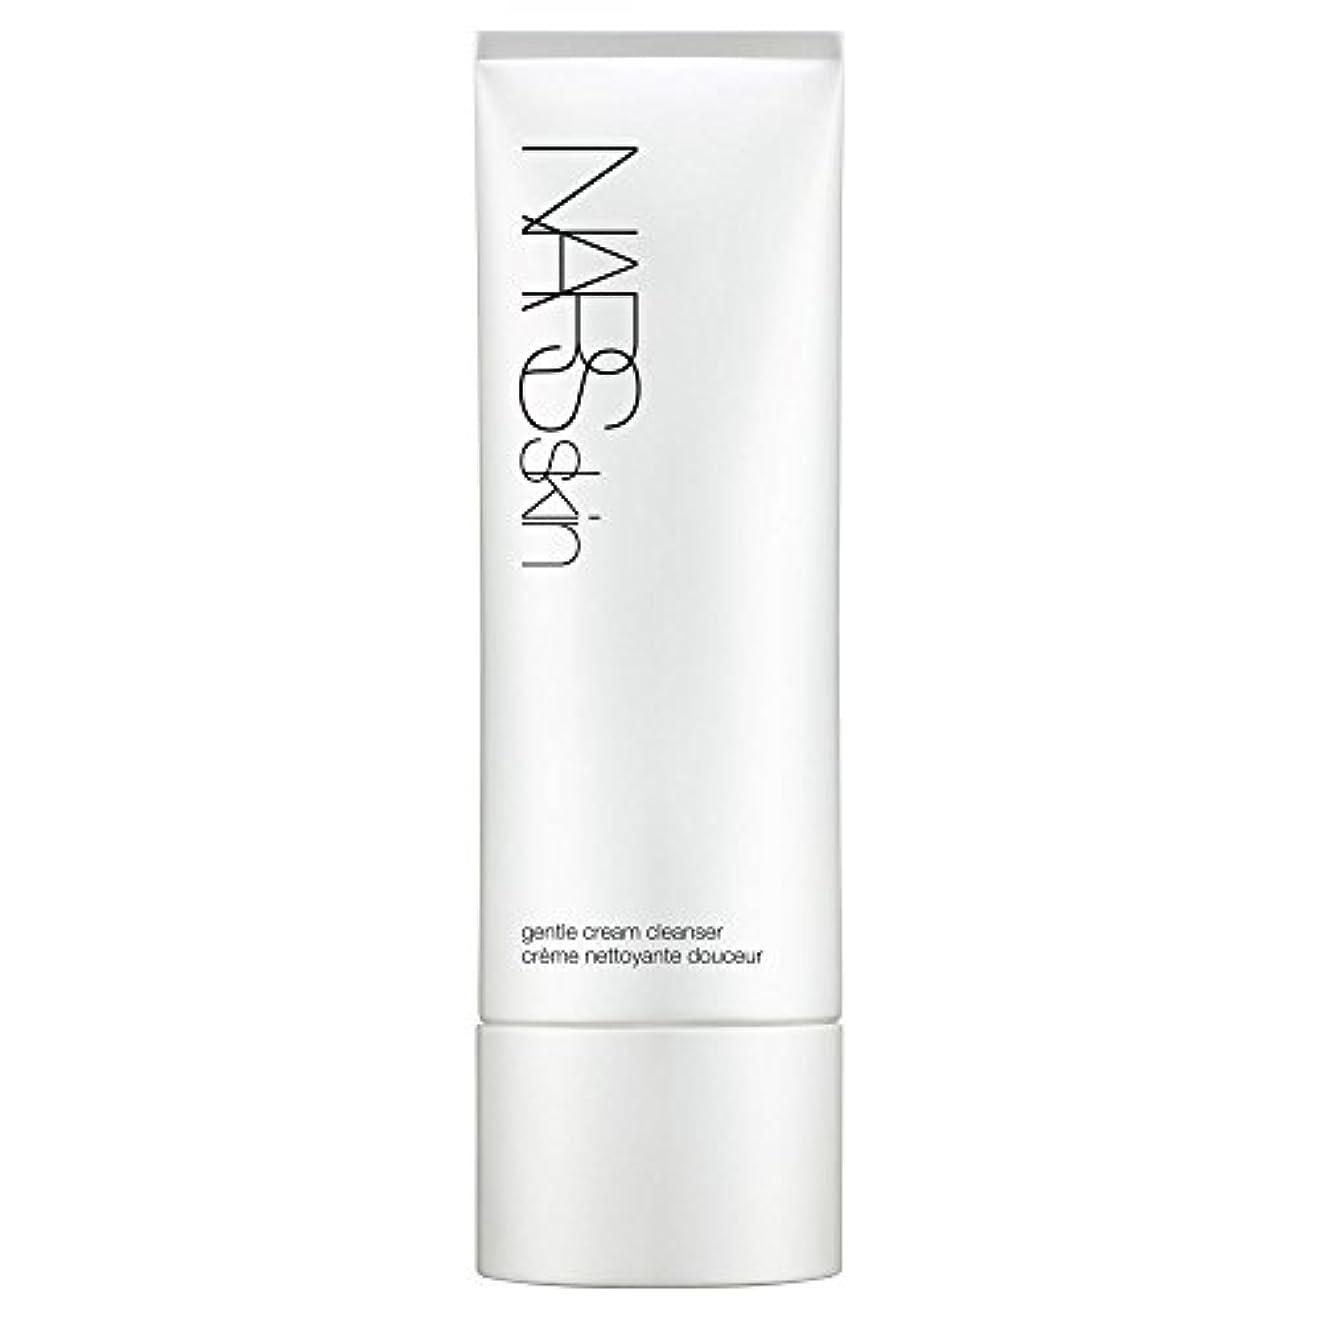 スロット威信建設[NARS] Narsskin優しいクリームクレンザー、125ミリリットル - Narsskin Gentle Cream Cleanser, 125ml [並行輸入品]